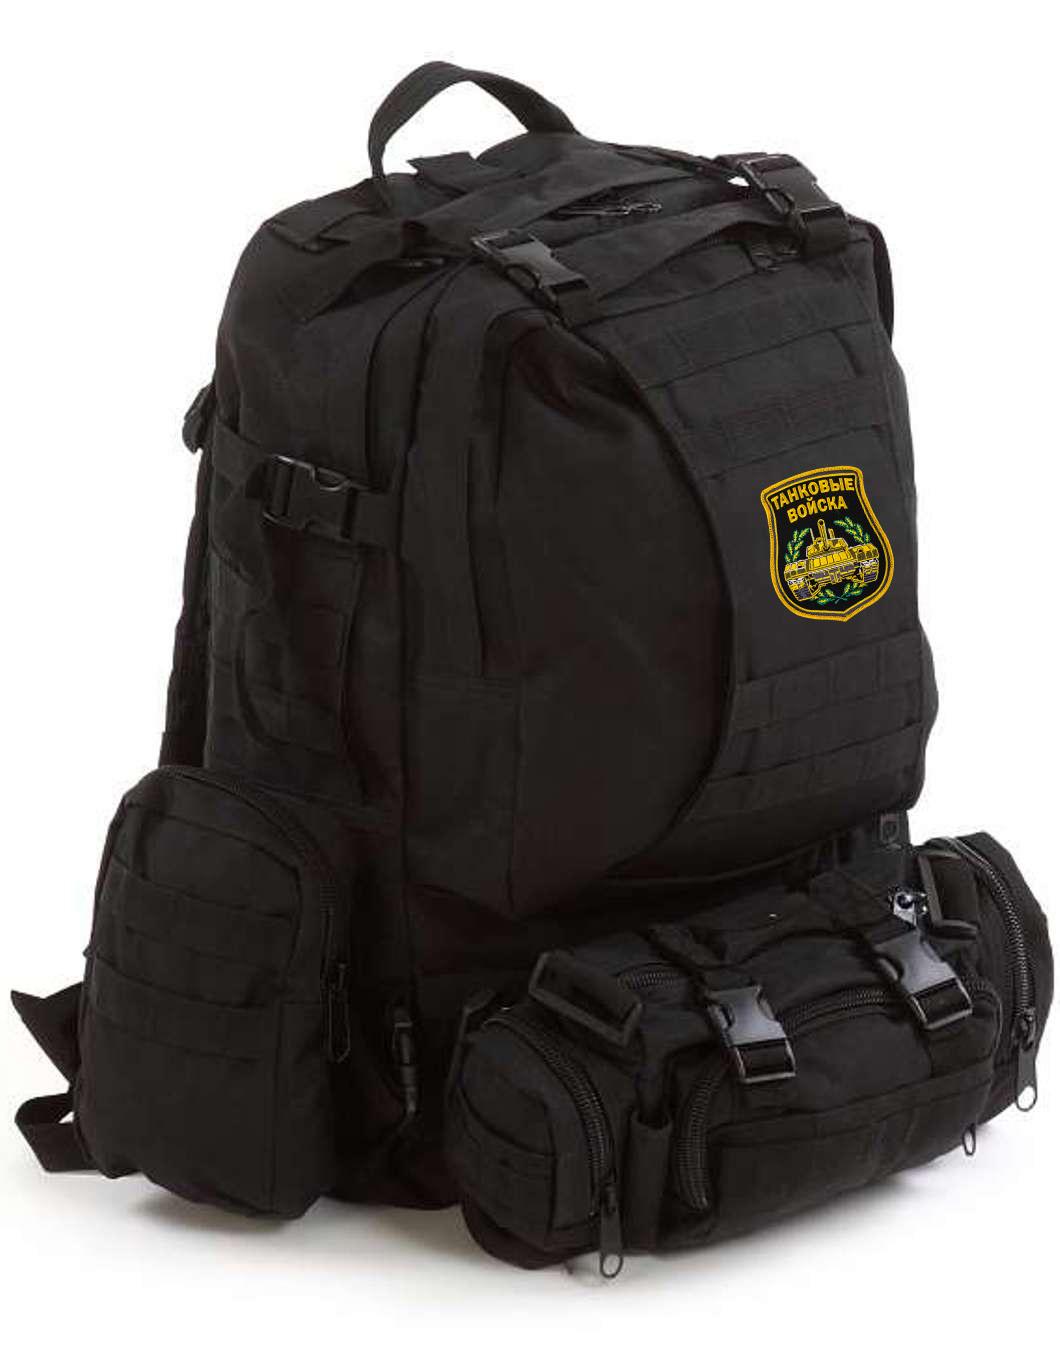 Модульный надежный рюкзак с нашивкой Танковые Войска